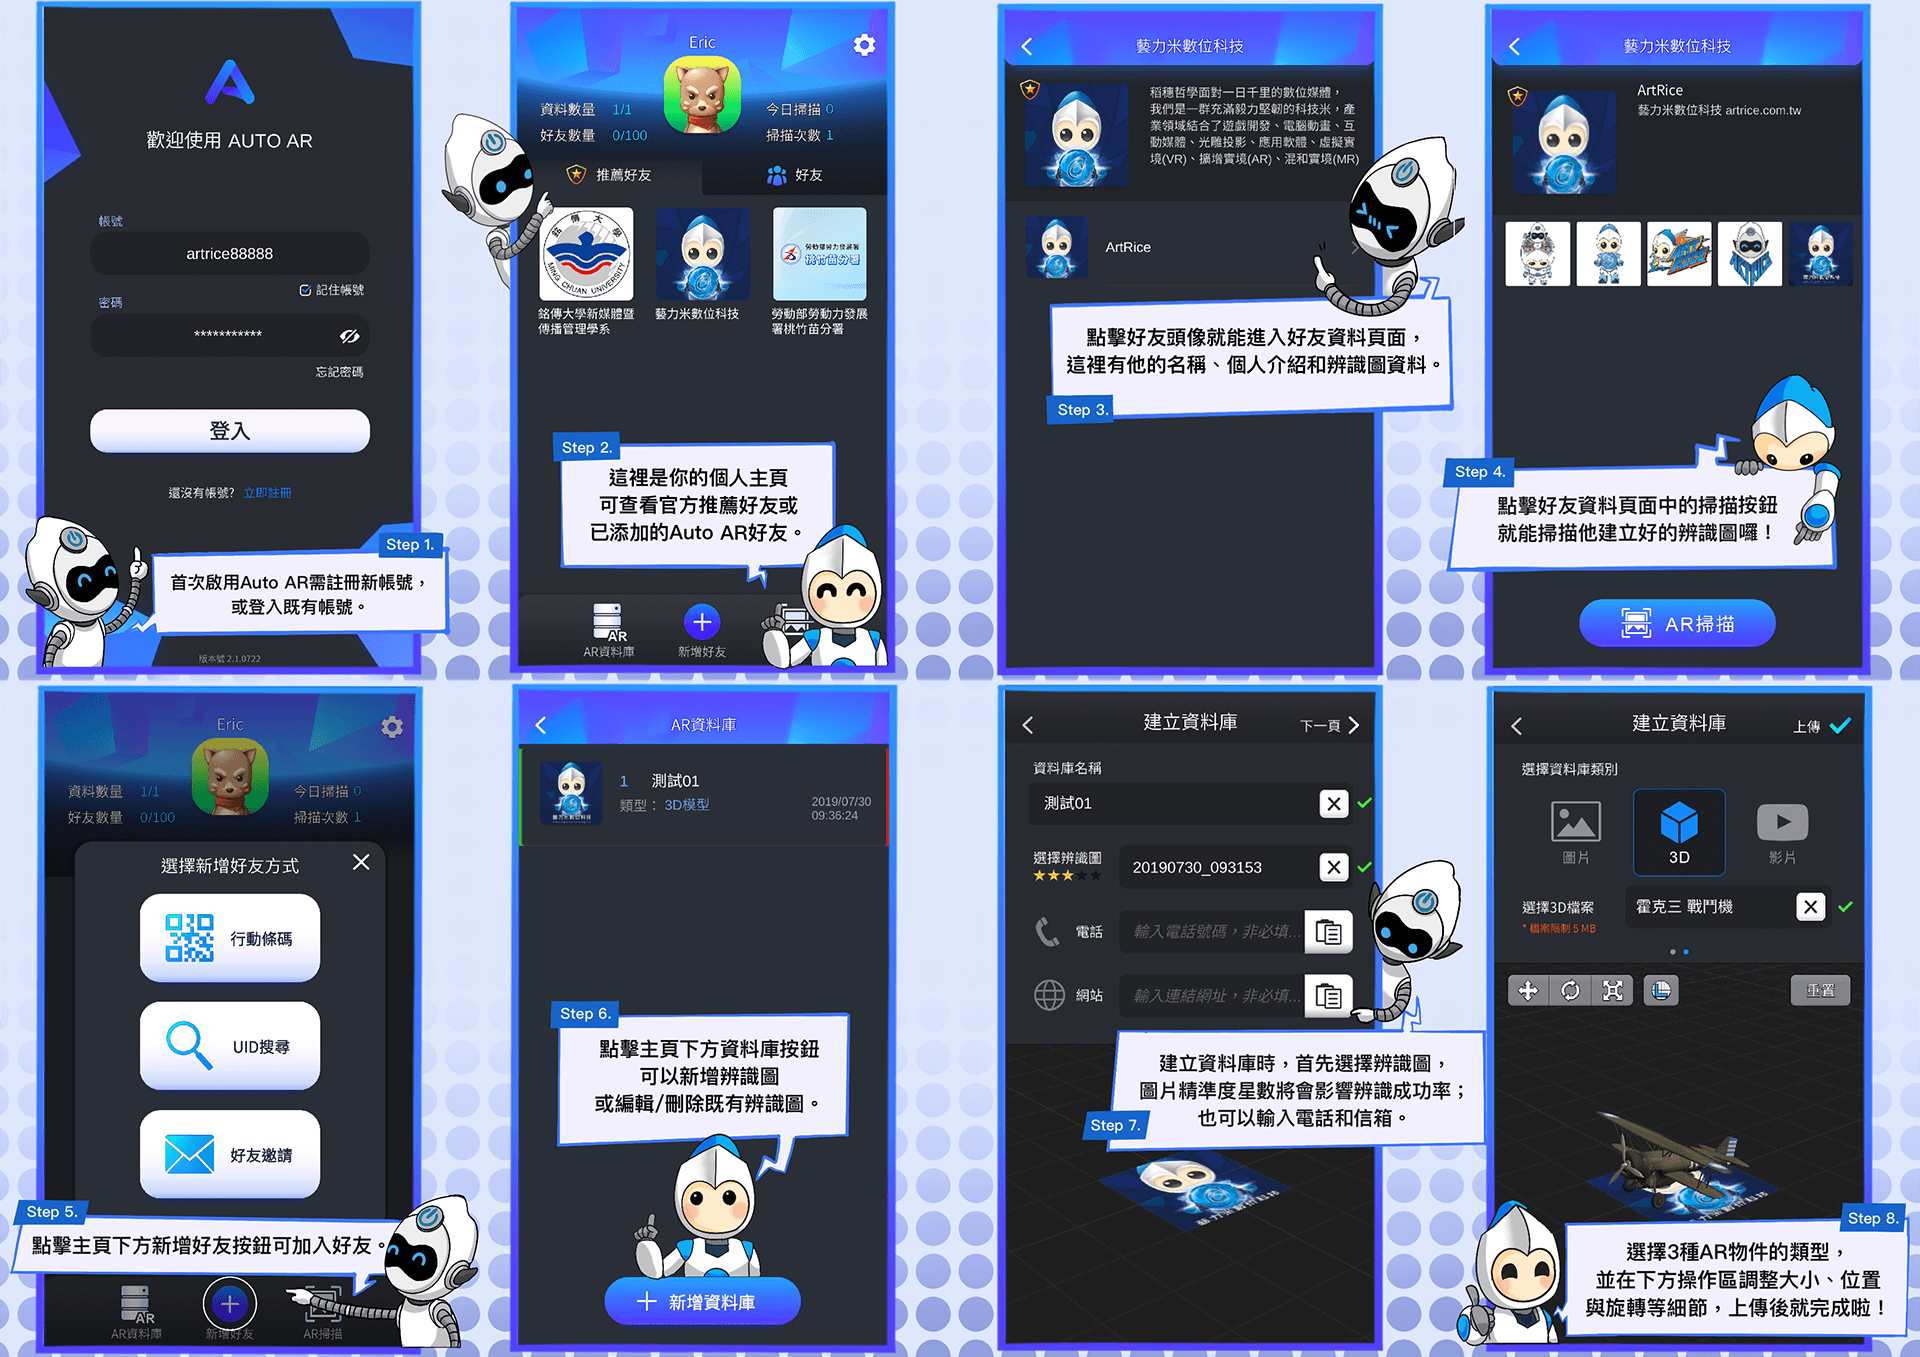 AUTOAR文章_文章圖_02